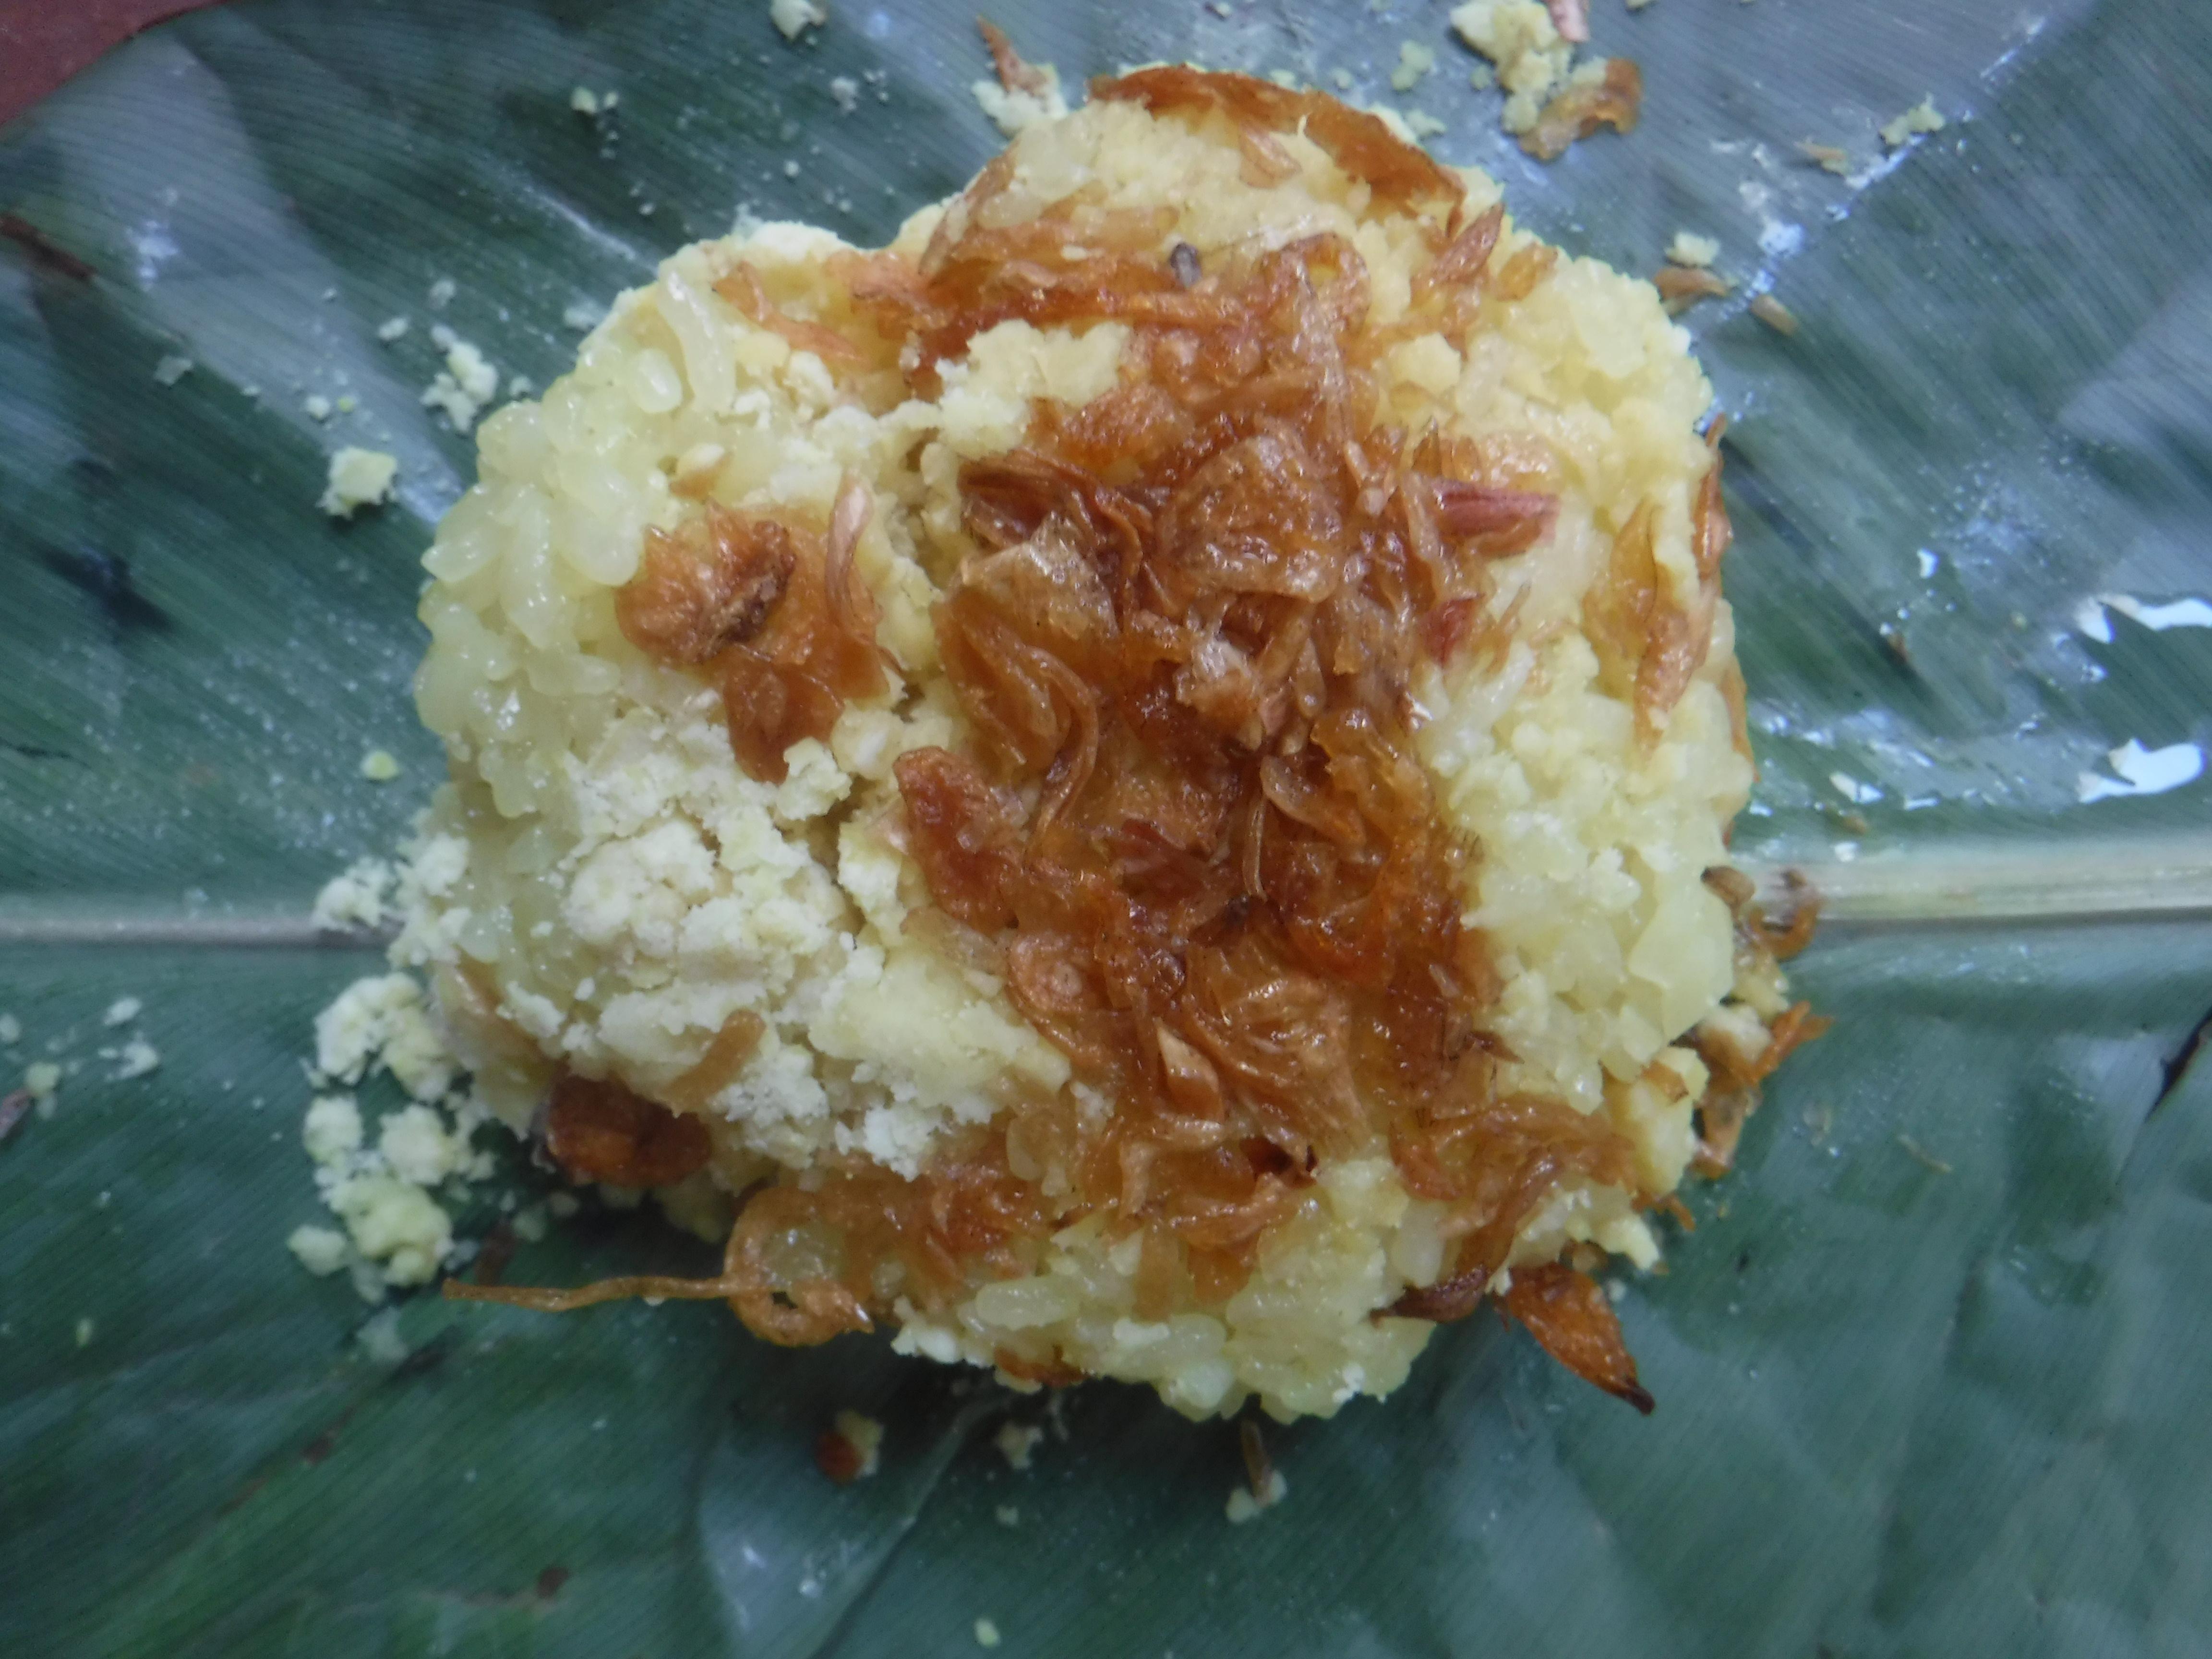 Xôi xéo z trhu (žlutá rýže s hráškem a smaženou cibulkou)